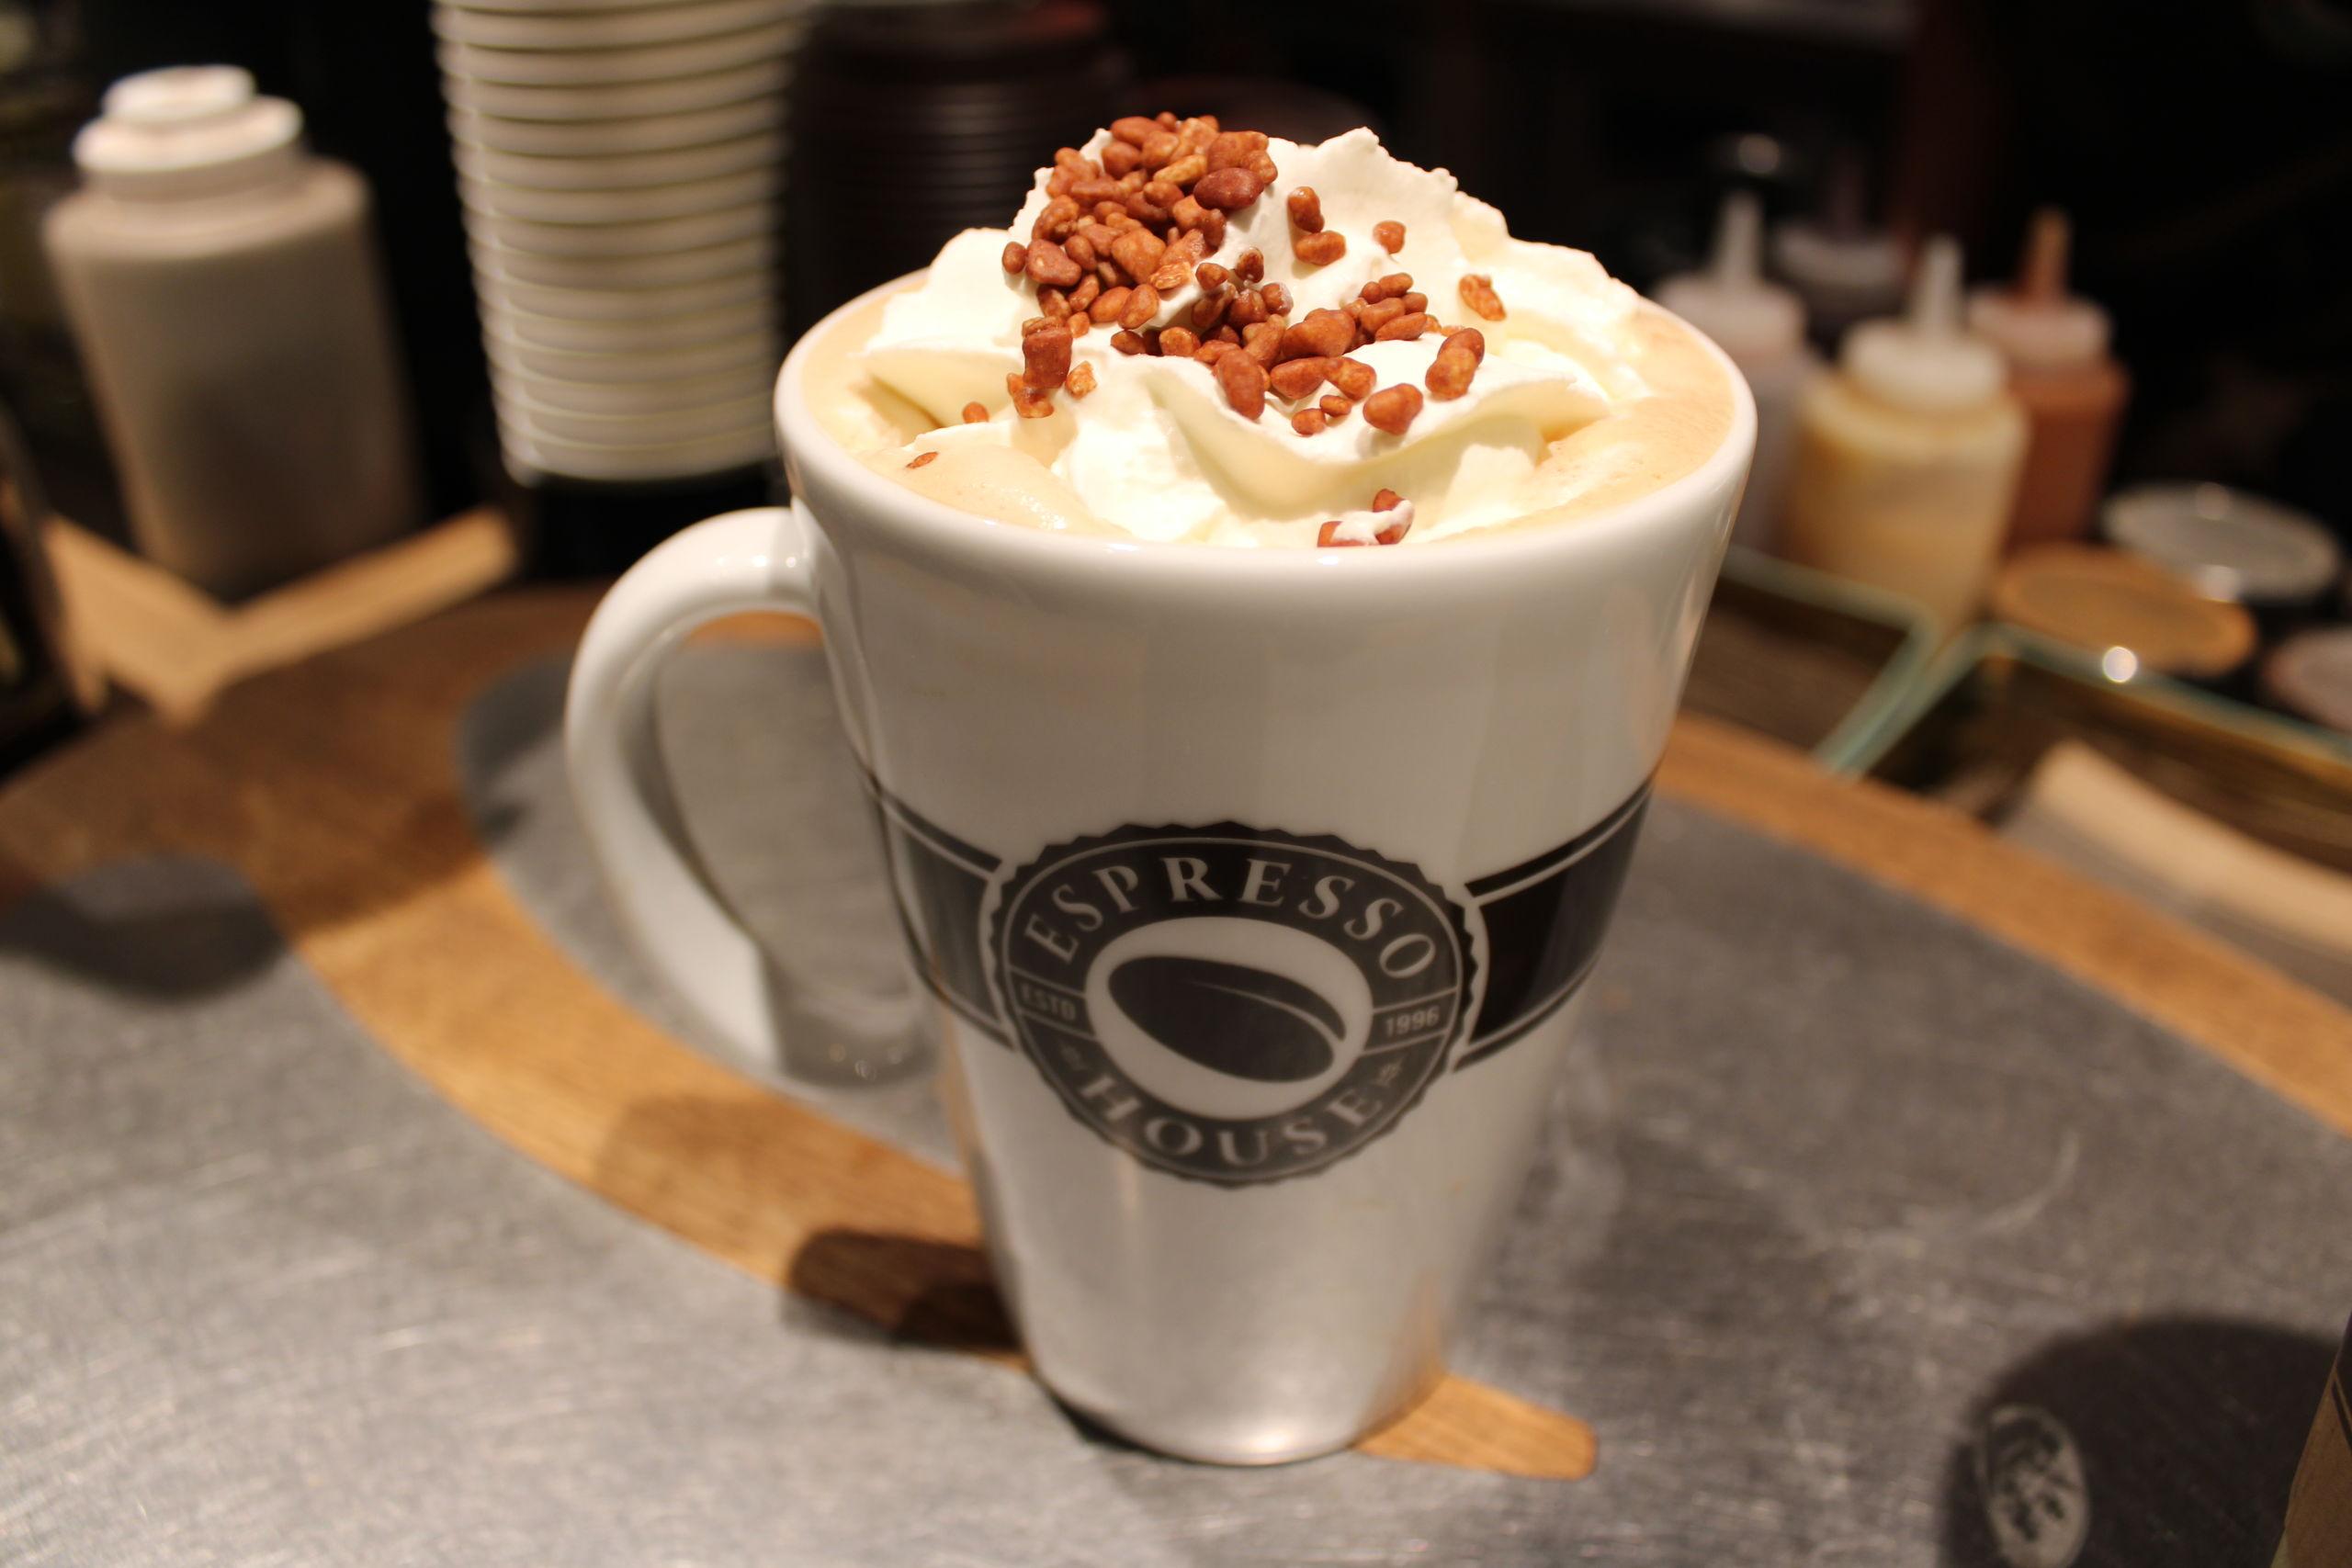 Espresso House har flere julelækkerier på menuen. Her er det deres Gingerbread Latte. Foto: Pauline Vink